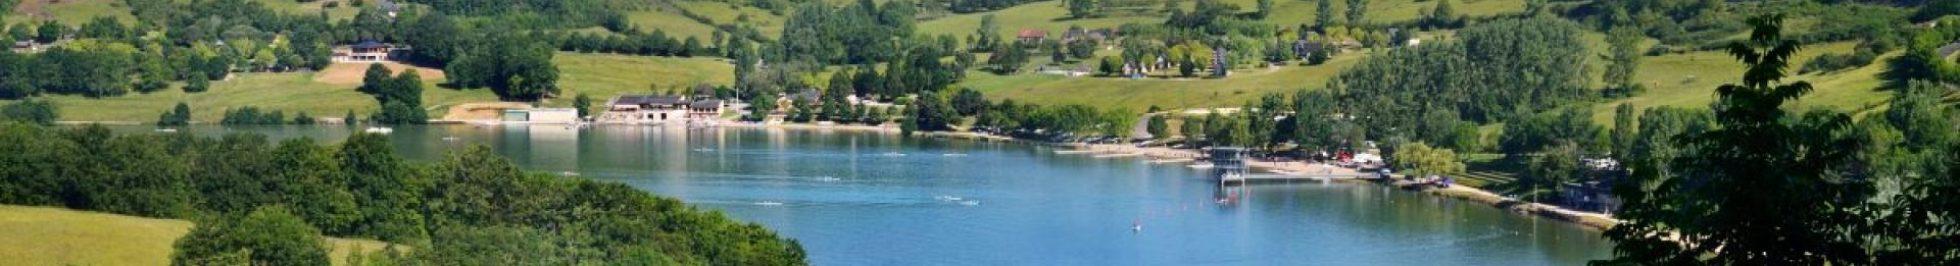 Village de vacances nature en Corrèze: Les châtaigniers